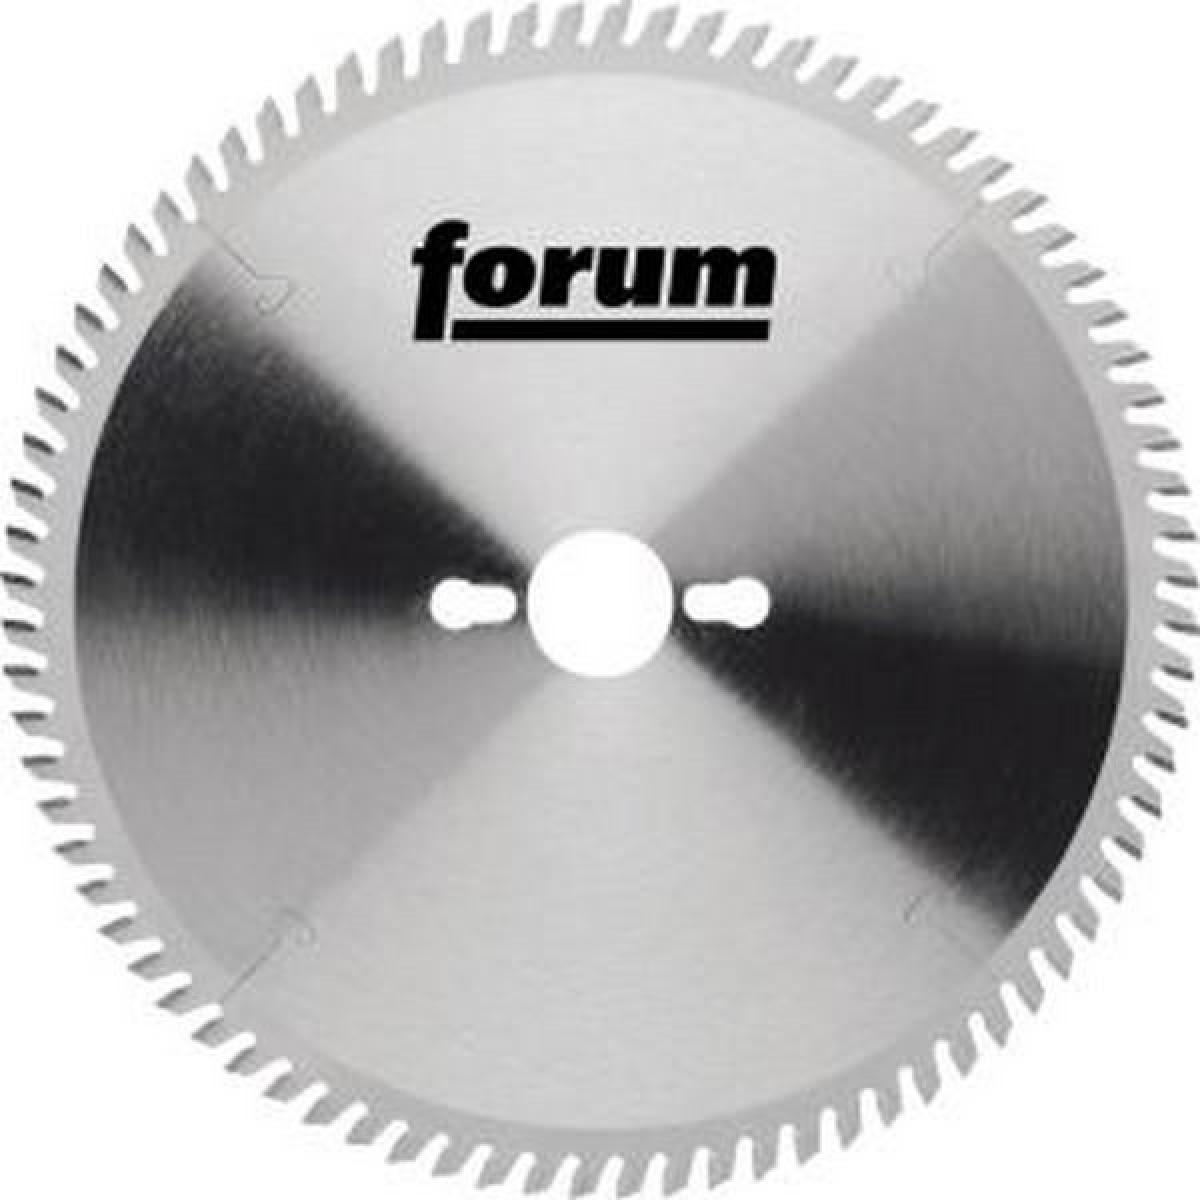 Forum Lame de scie circulaire, Ø : 355 mm, Larg. : 3,5 mm, Alésage 30 mm, Perçages secondaires : 2KNL*, Dents : 32